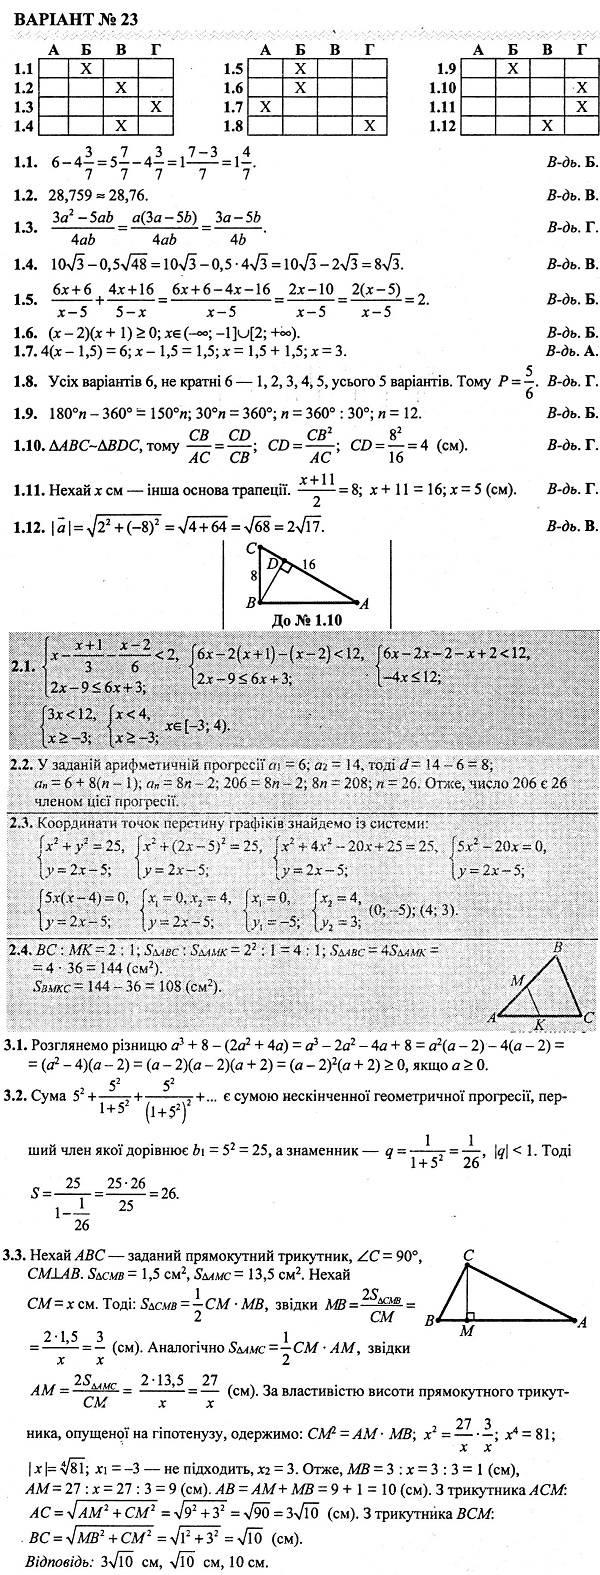 Відповіді до посібника ДПА-2019. 9 клас БЕРЕЗНЯК (підсумкові контрольні роботи)